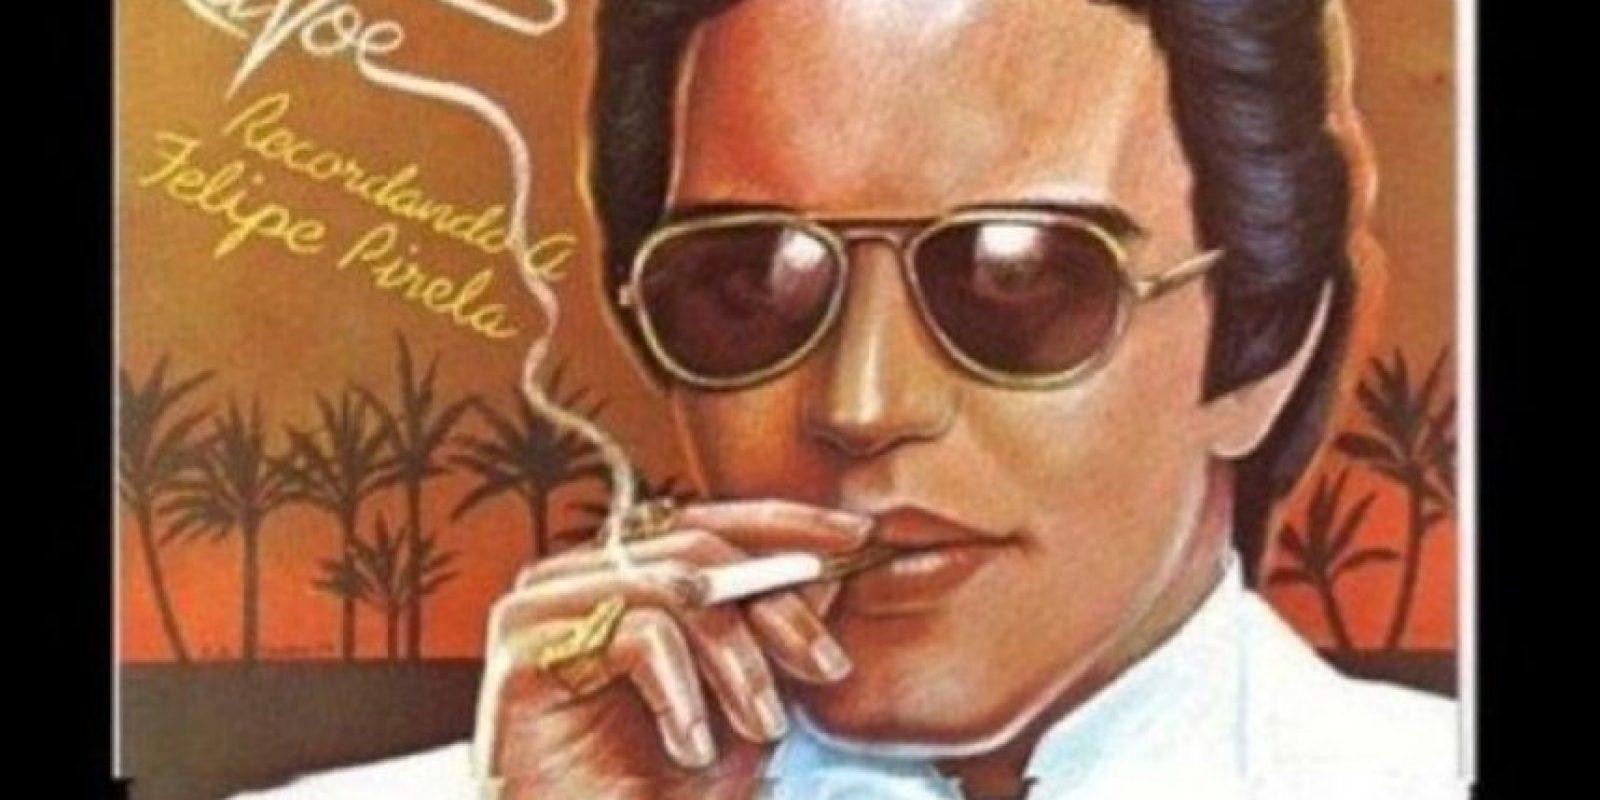 Falleció en 1991 a causa de complicaciones de salud relacionadas a la enfermedad. Foto:IMDb